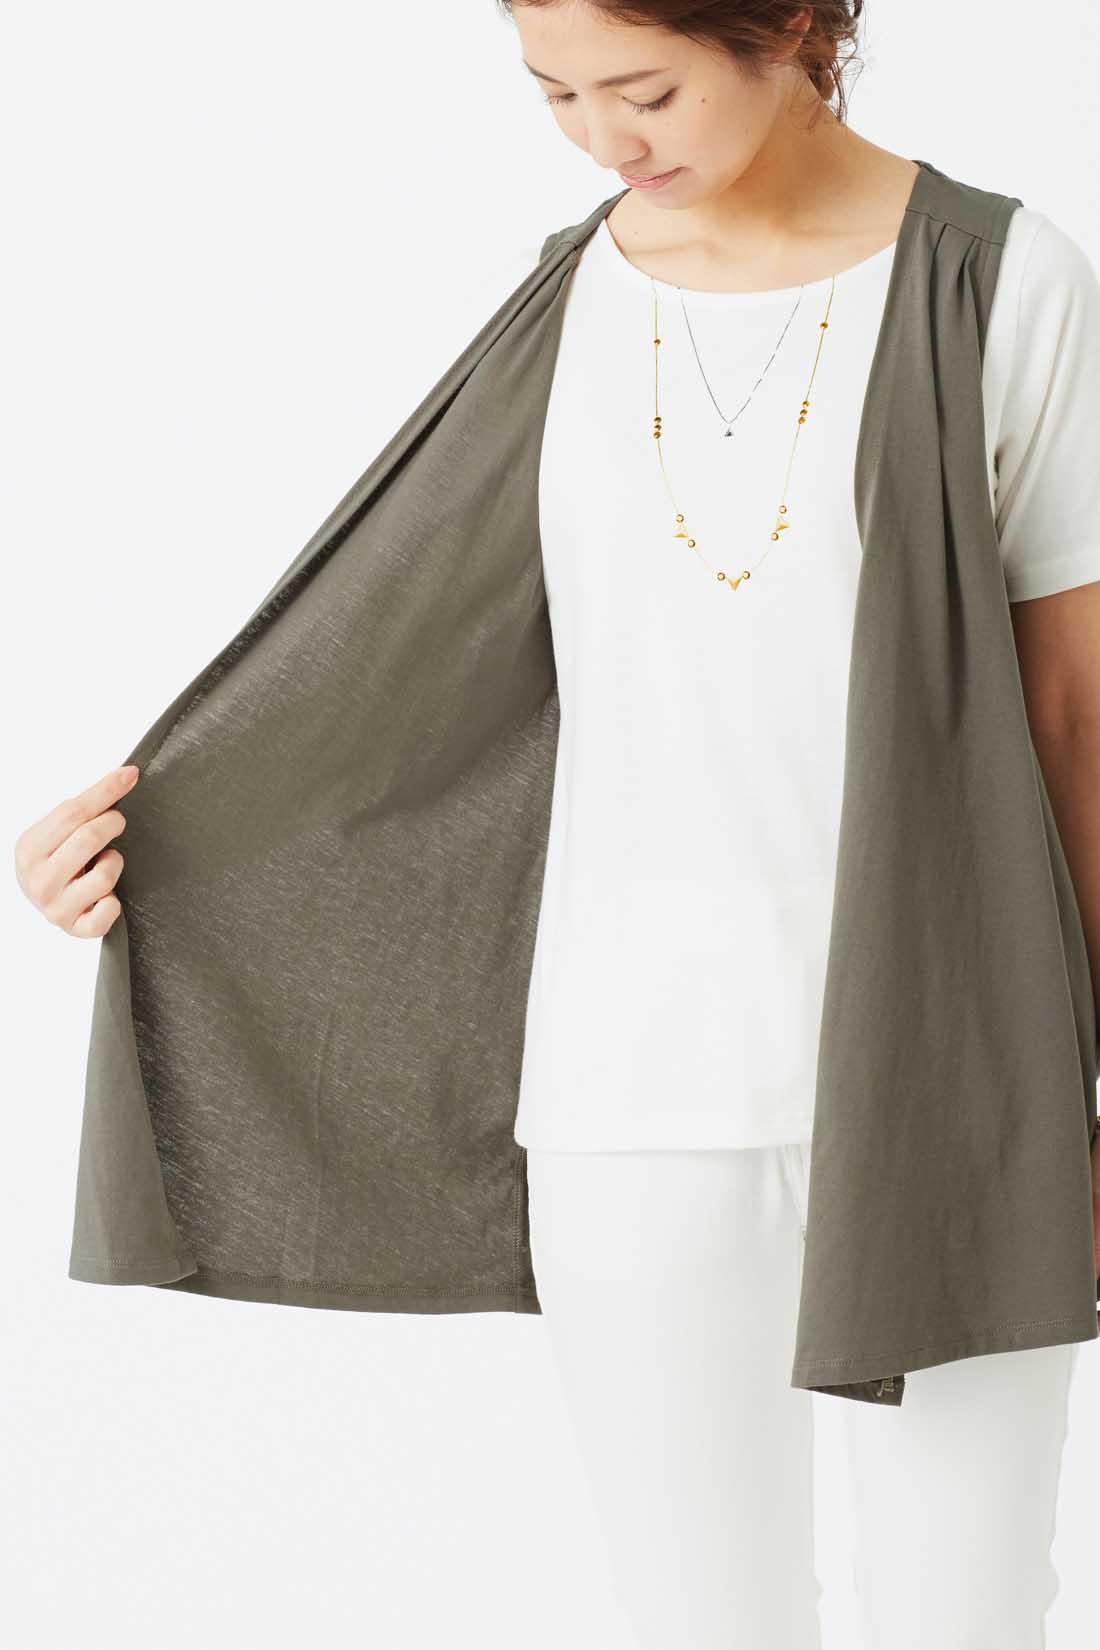 本当に重ねたように見える、ジレとTシャツのドッキング仕様。 ※お届けするカラーとは異なります。